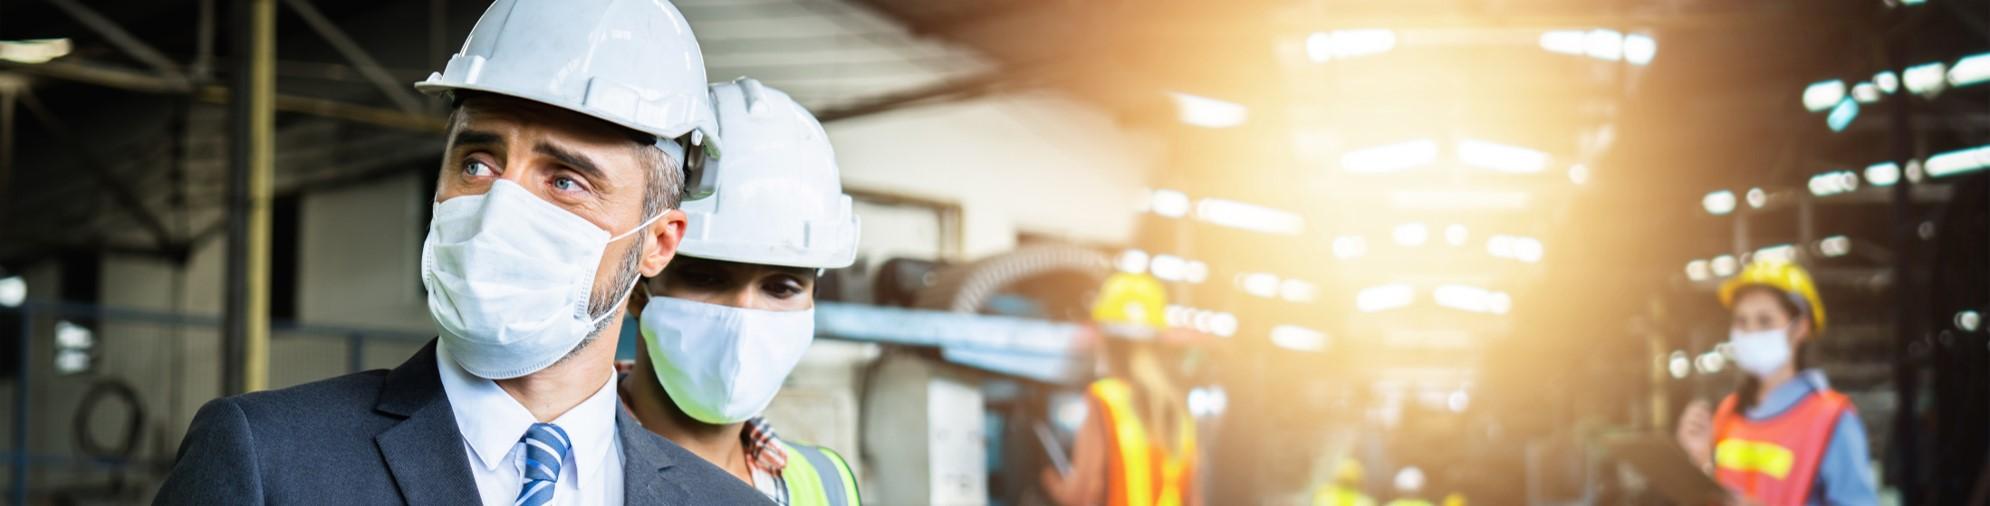 Formations en Santé, Sécurité et Conditions de travail